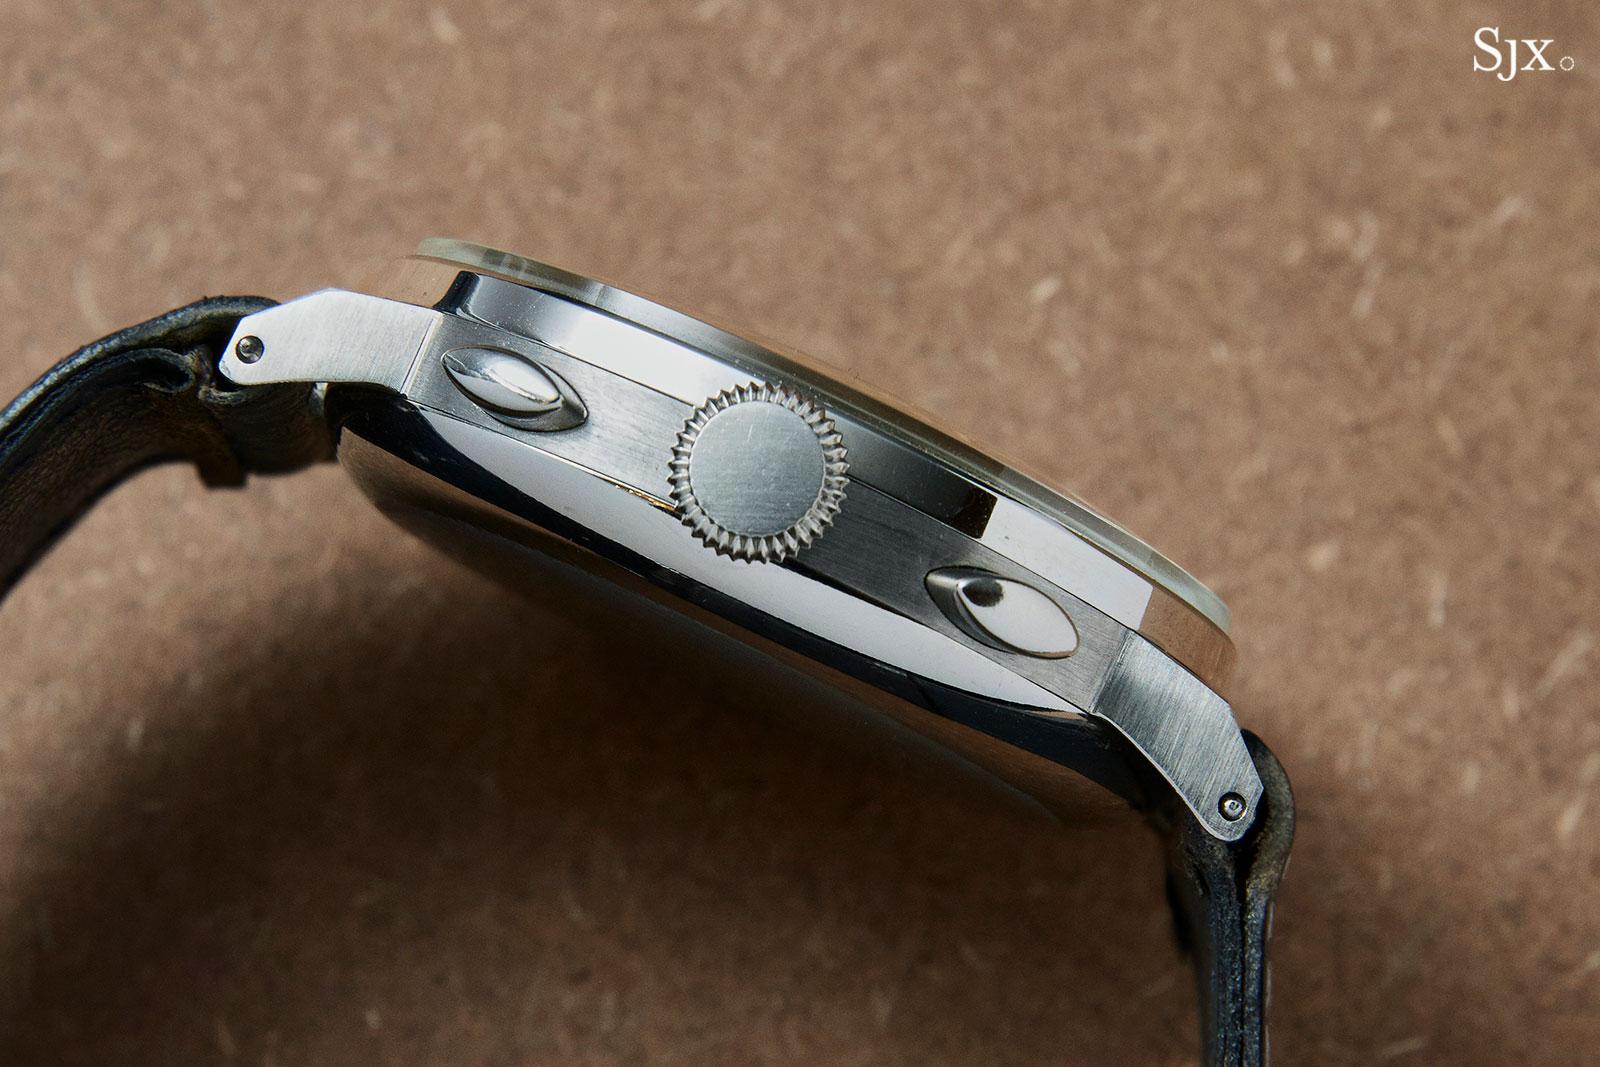 Omega CK2079 chronograph 33.3 6